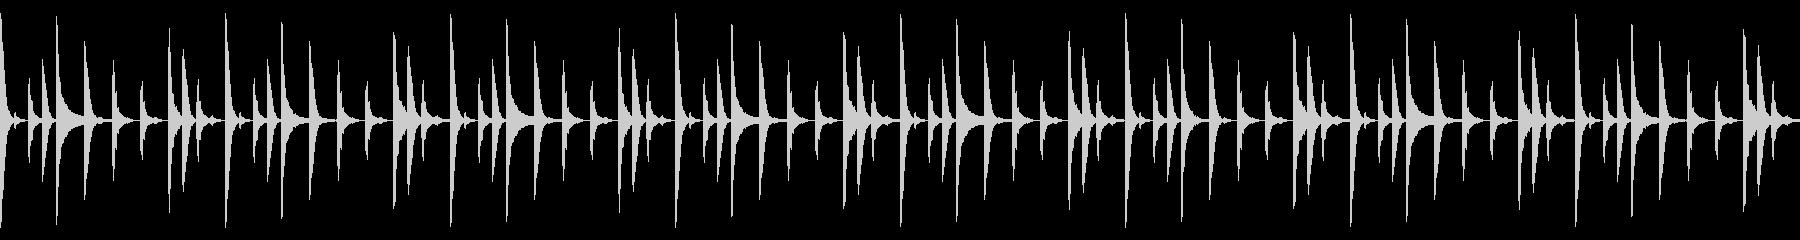 Future bassのドラムパターン2の未再生の波形